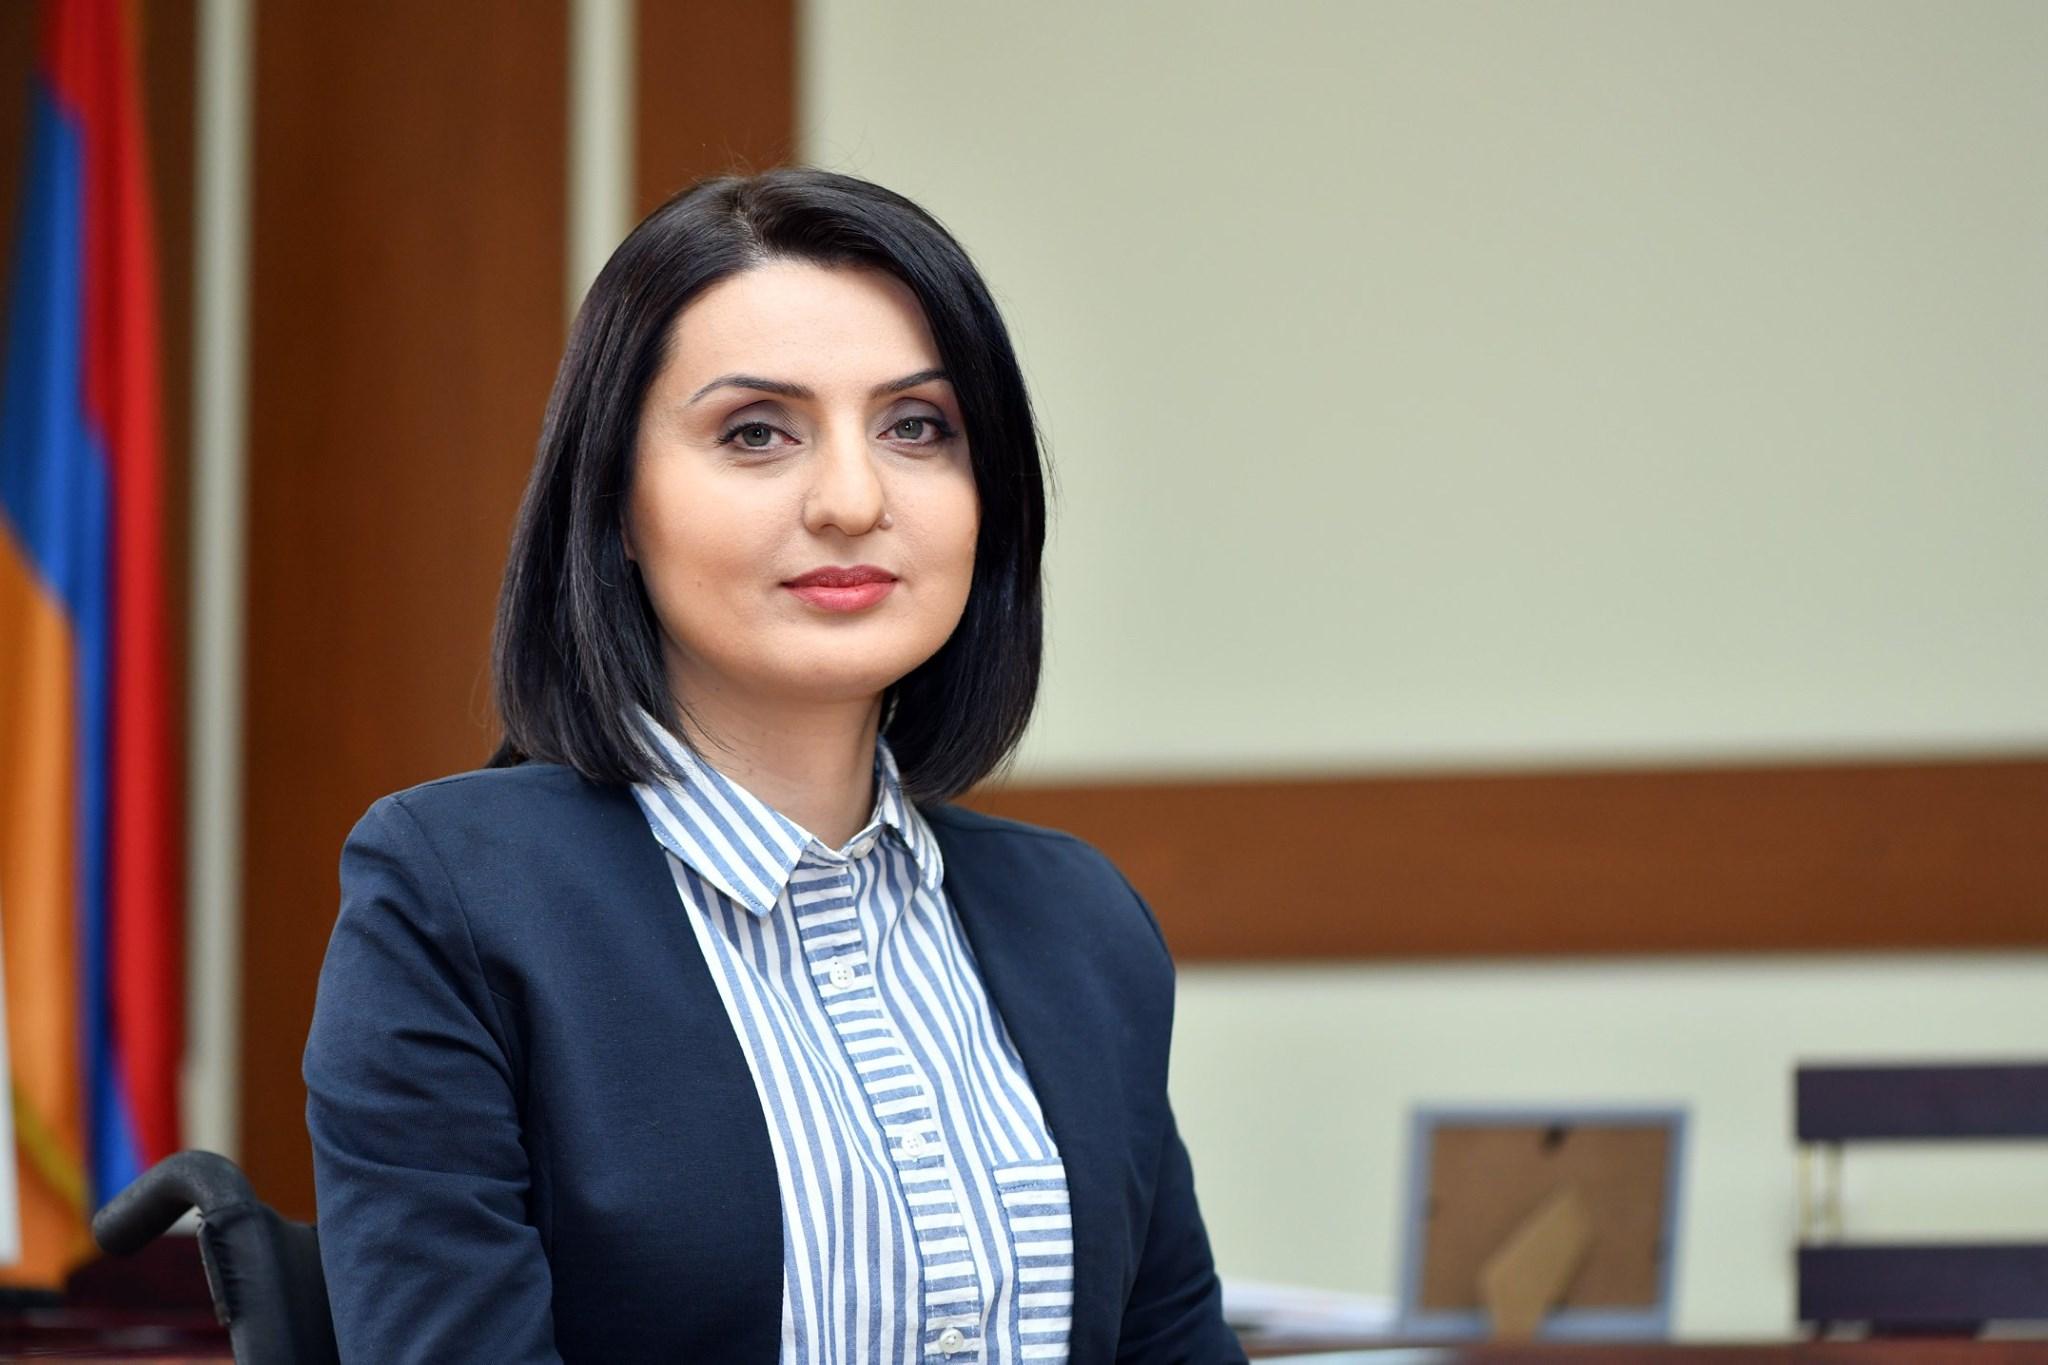 Զարուհի Բաթոյանը դատի է տվել Ստամբուլյան կոնվենցիայի դեմ պայքարող քաղաքացուն